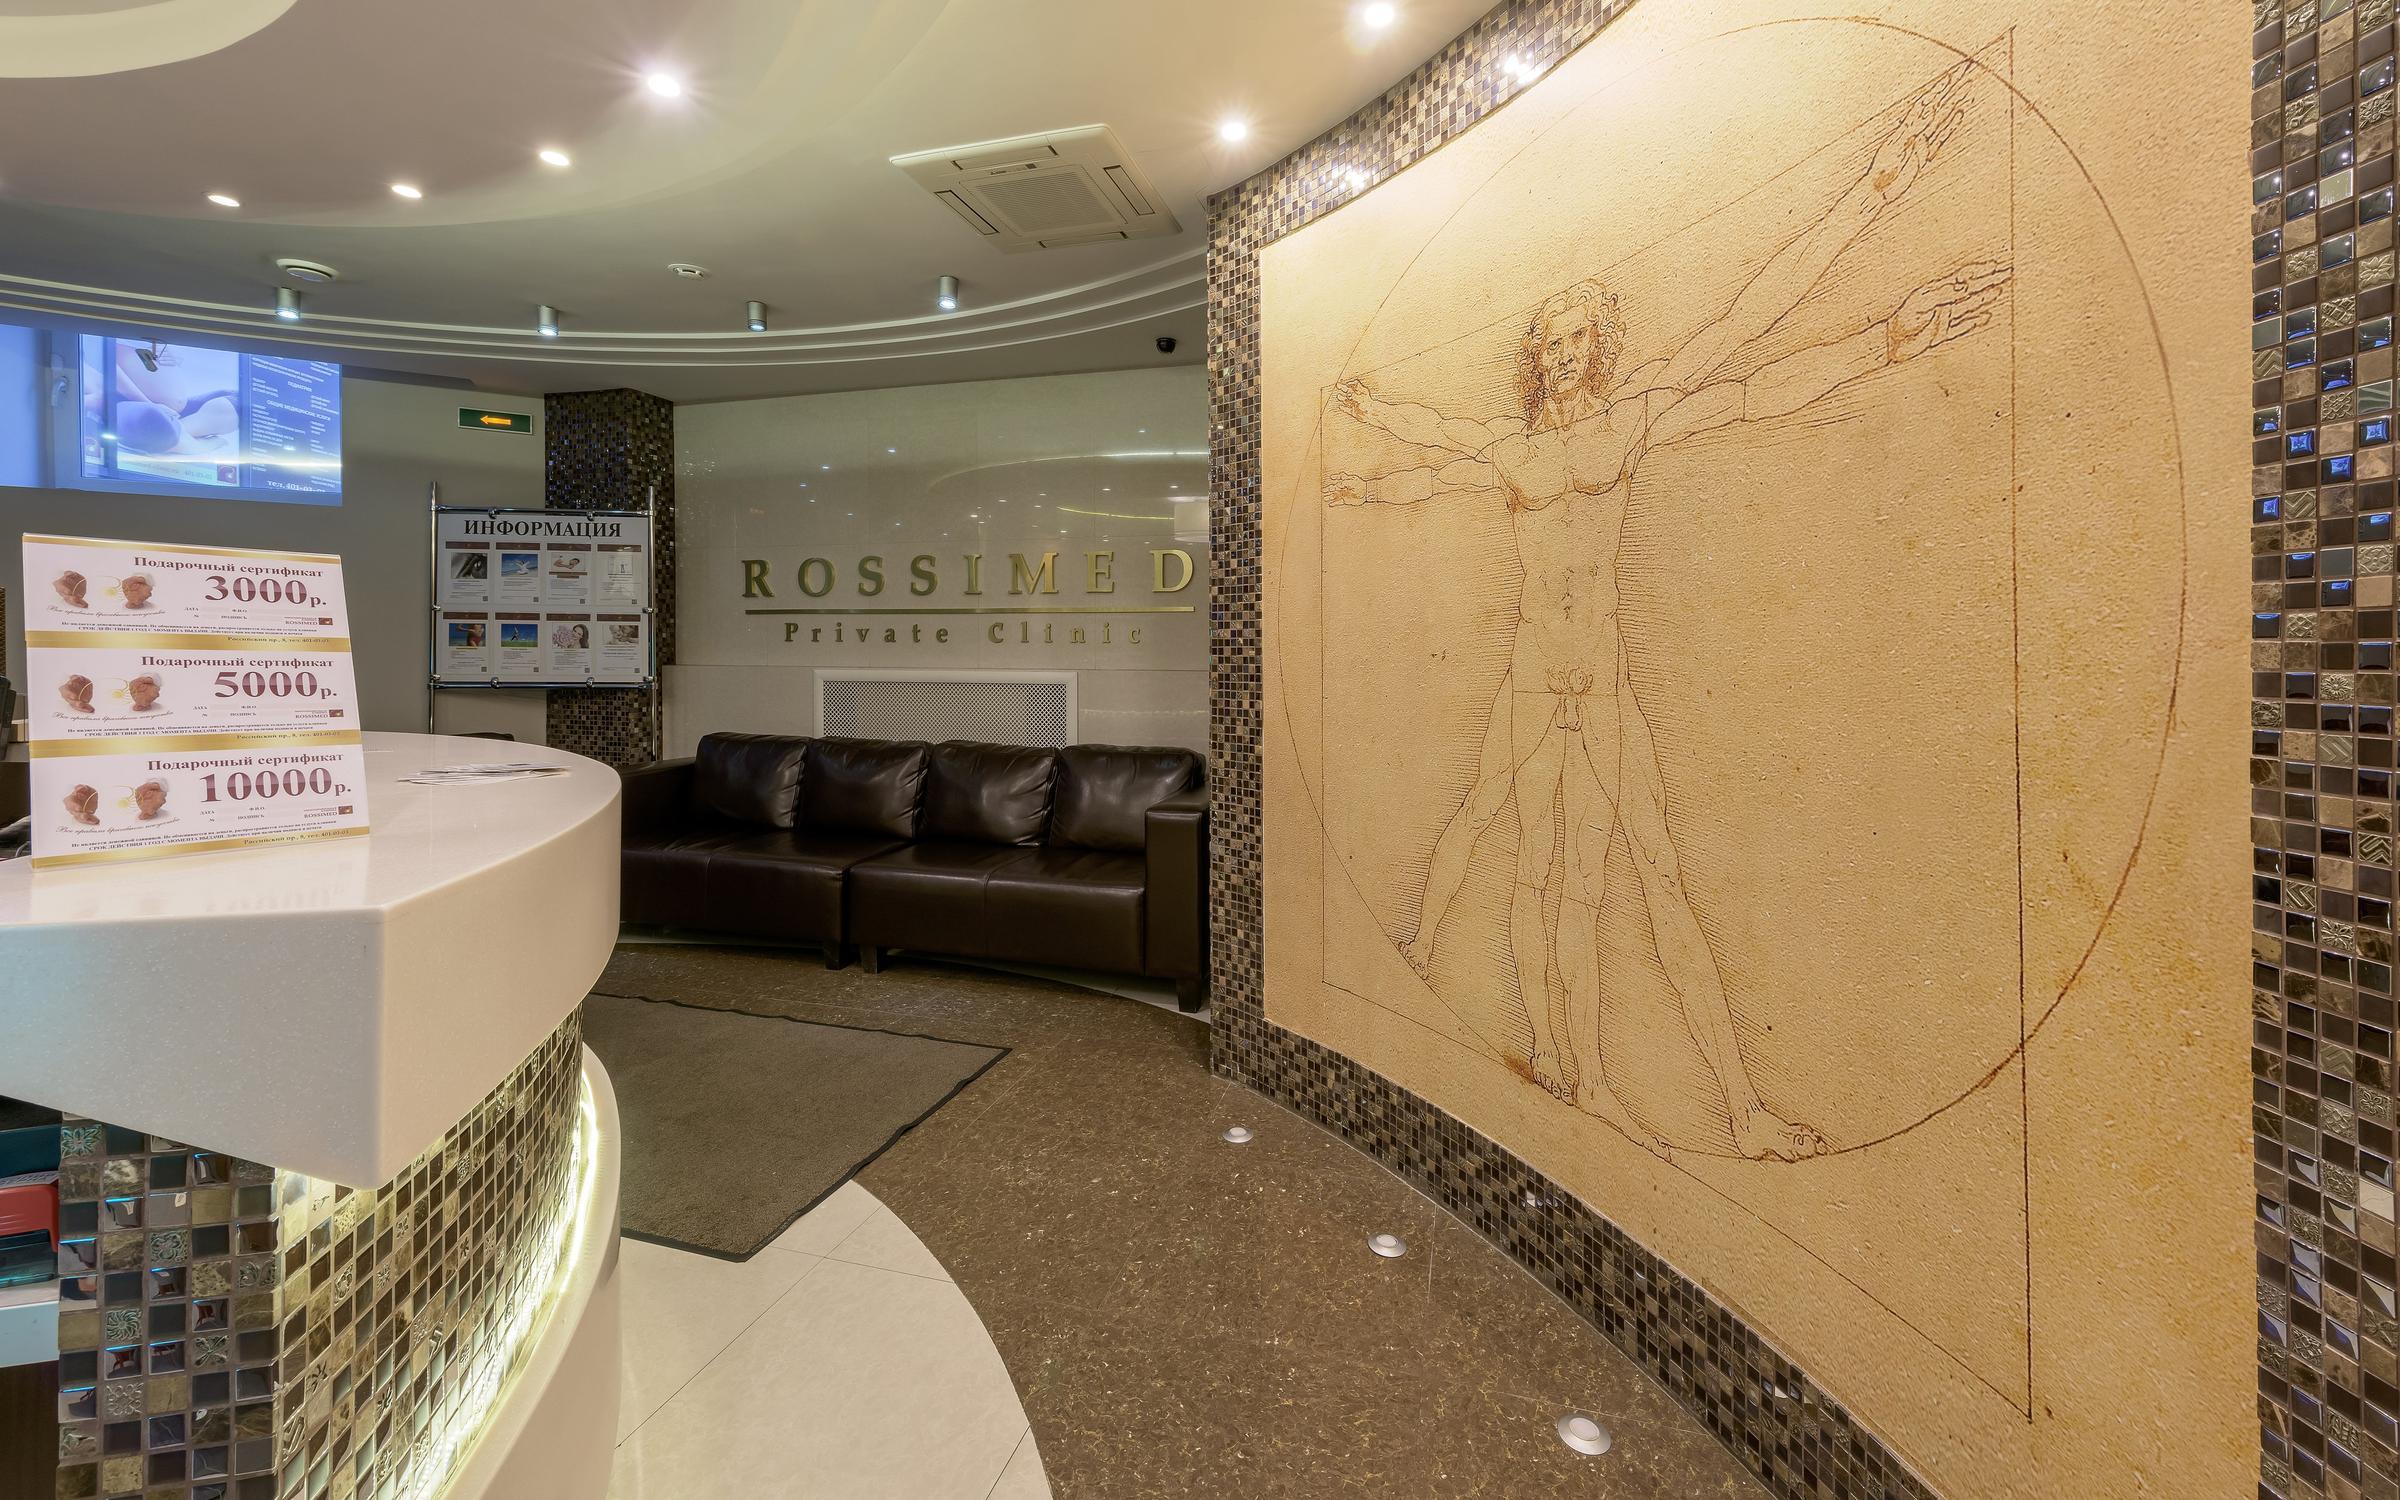 фотография Многопрофильной клиники Rossimed на Российском проспекте